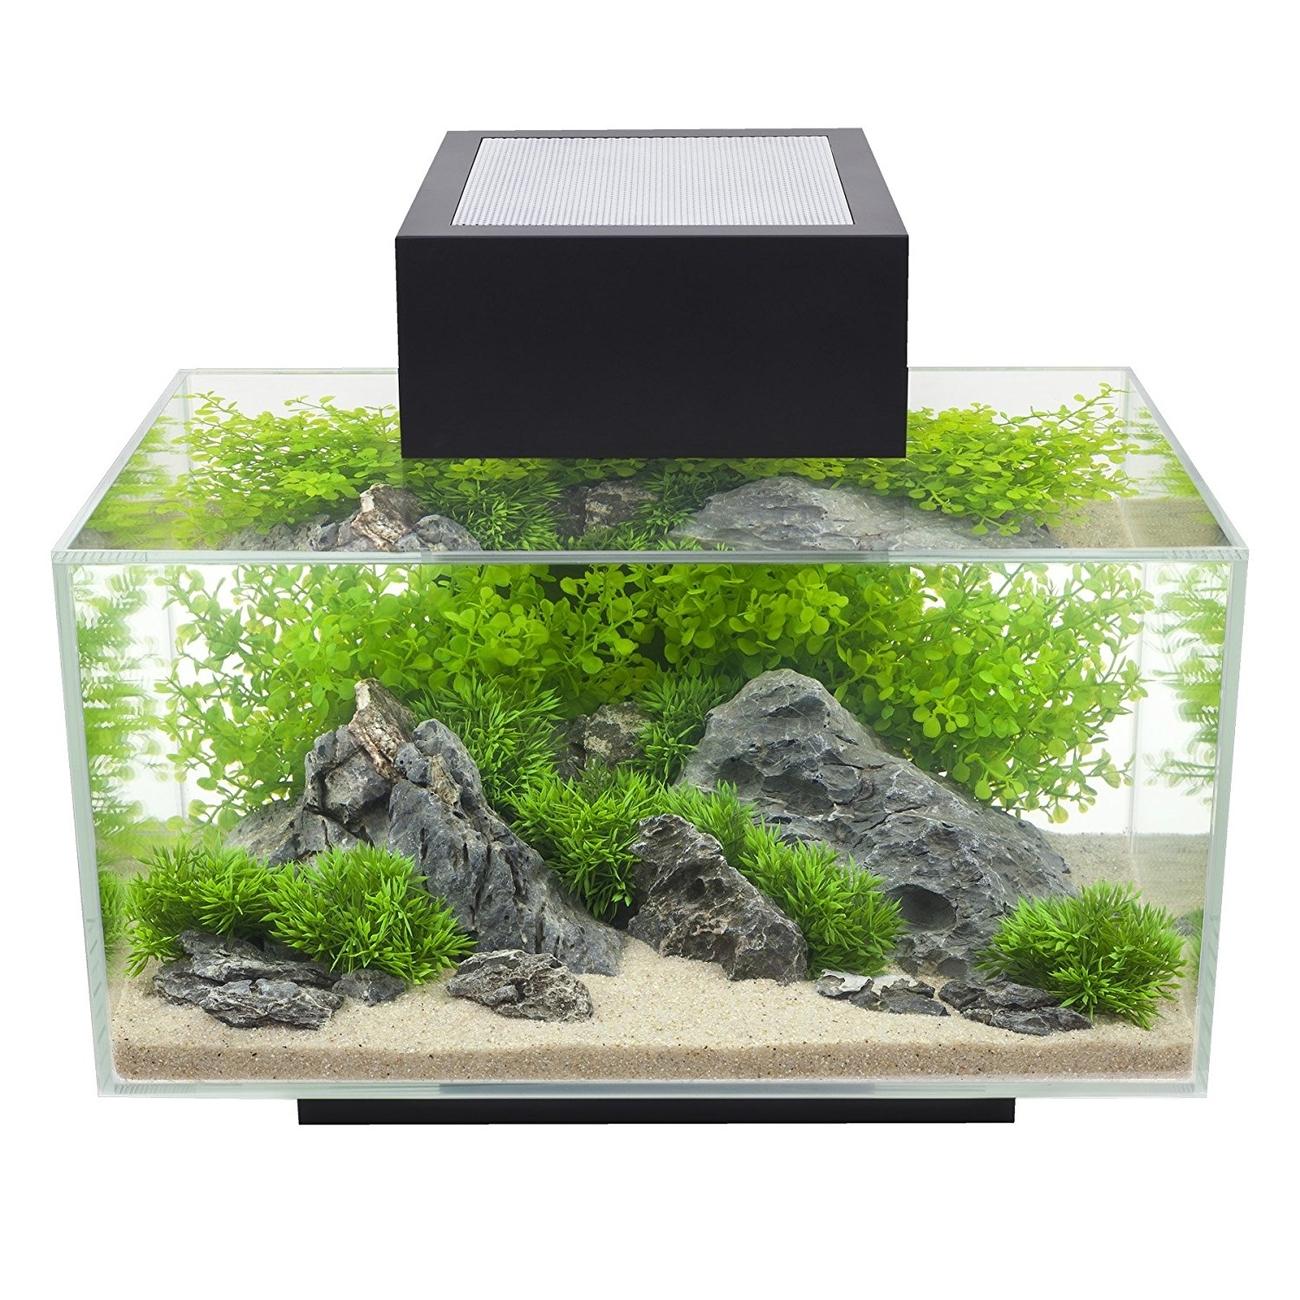 Fluval Edge I Aquarium